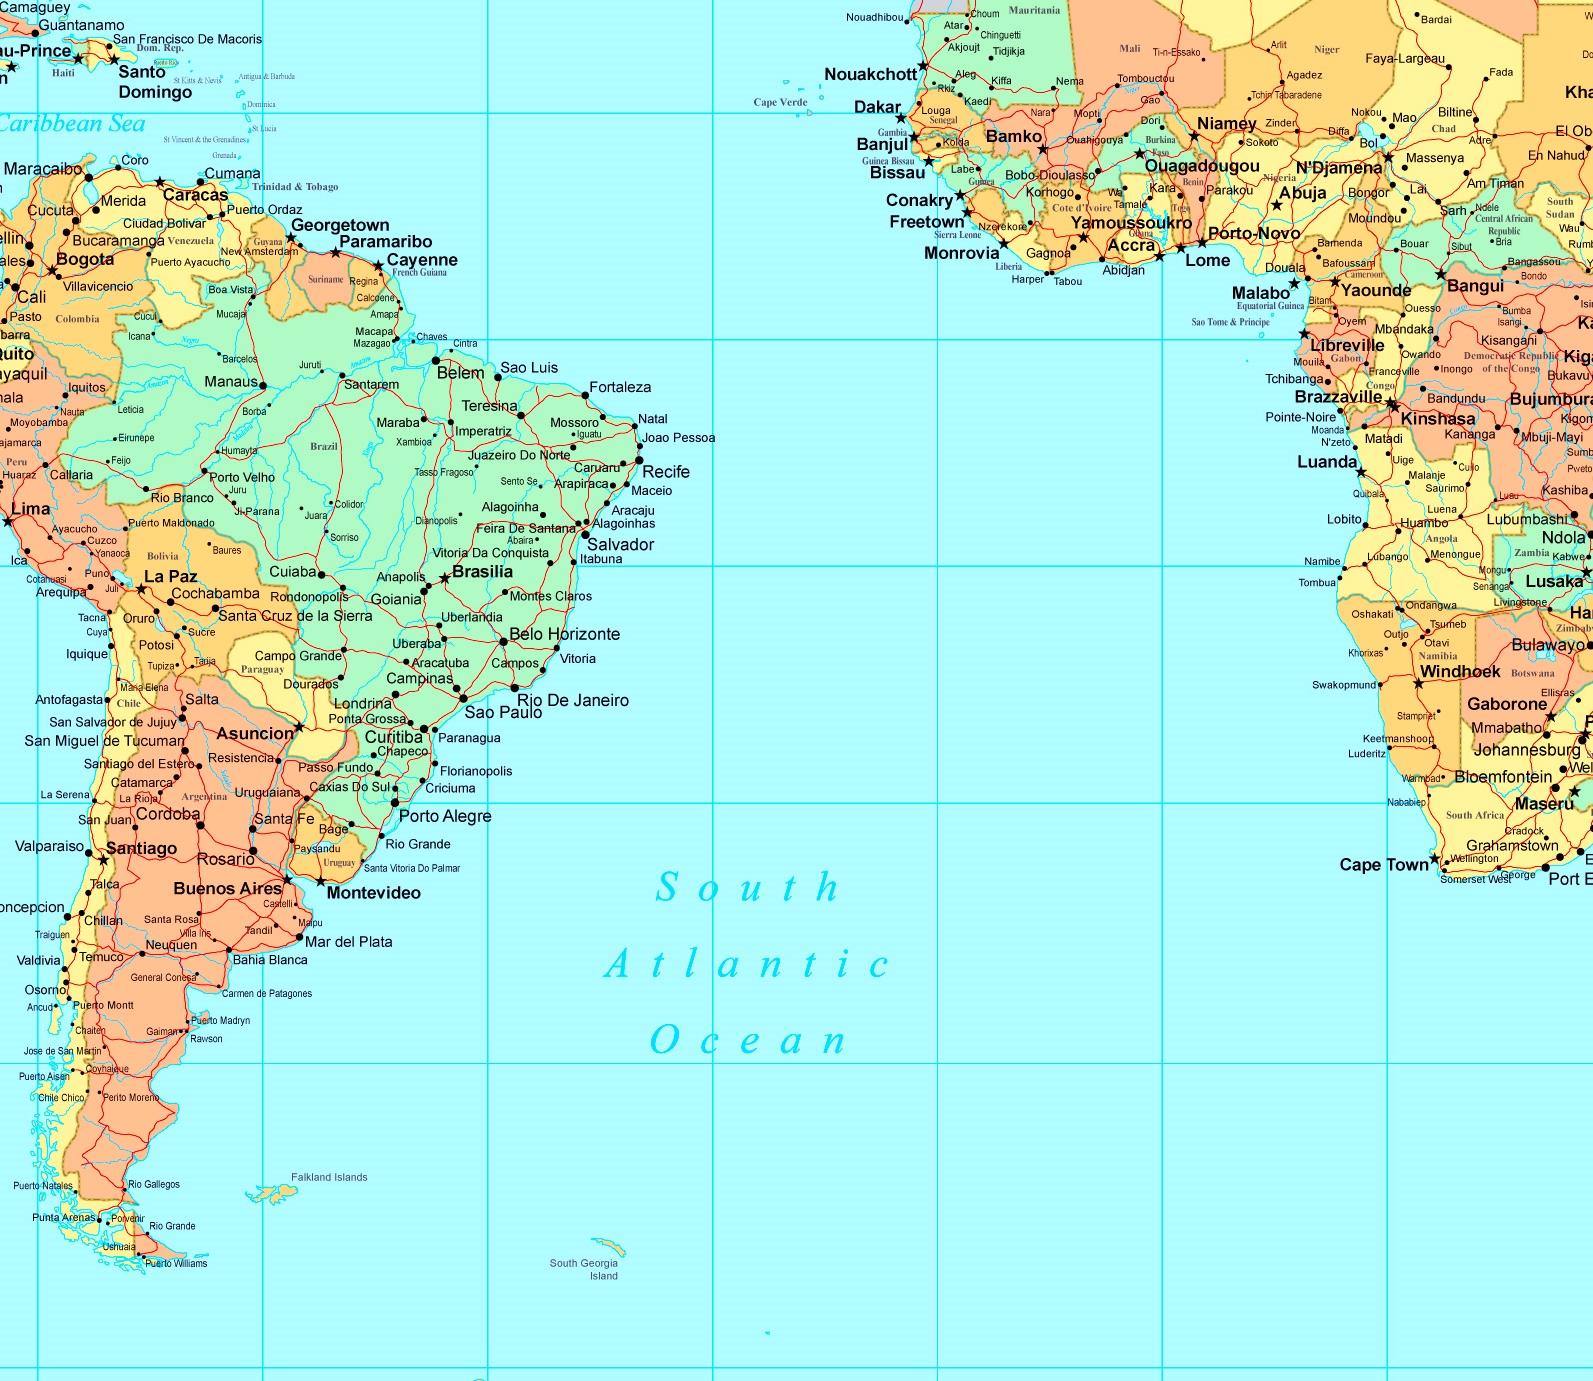 South Atlantic Ocean Map